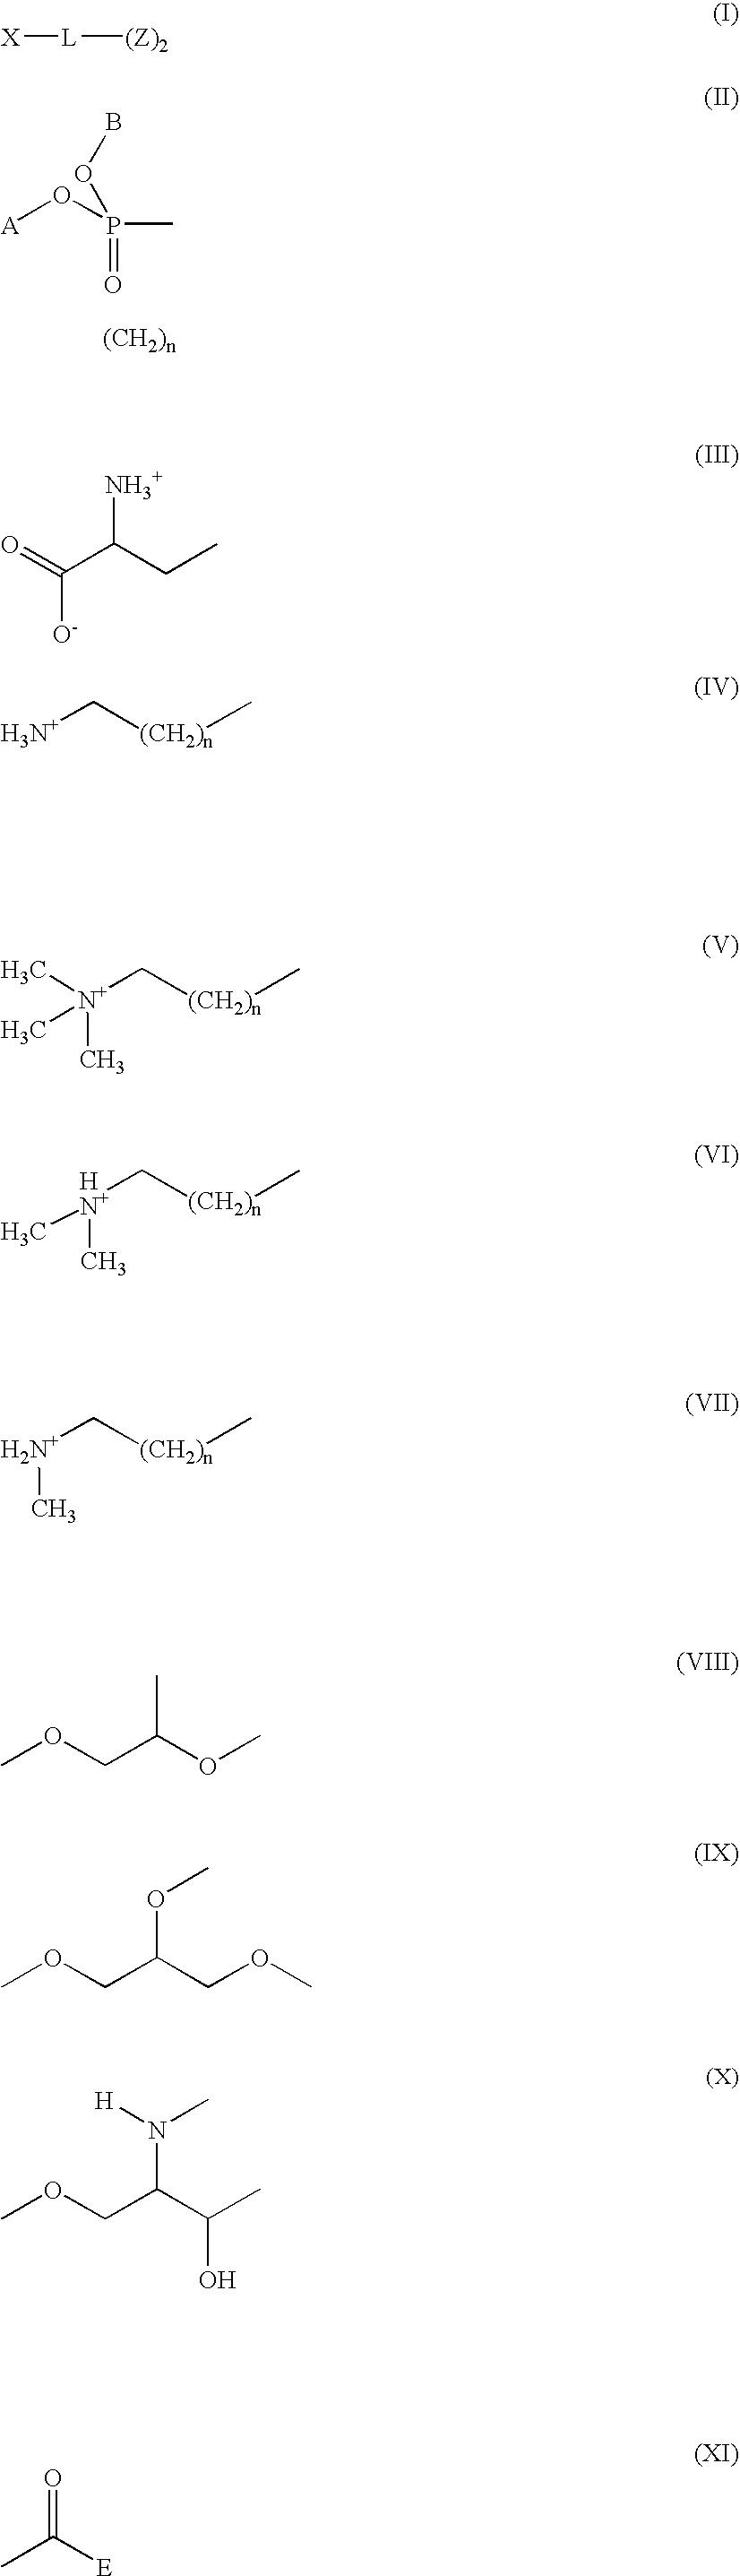 Figure US20060193905A1-20060831-C00007